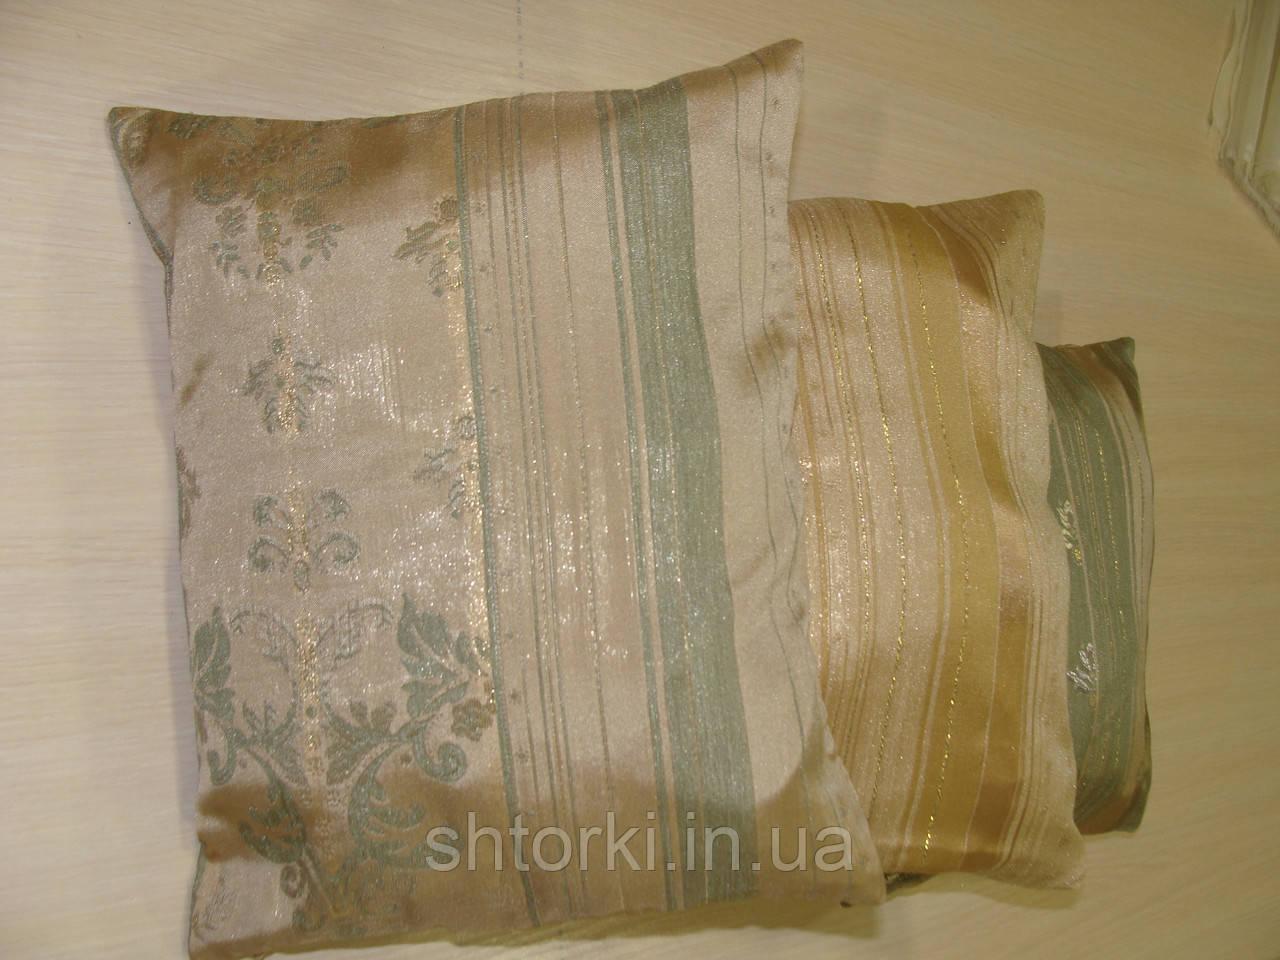 Комплект подушек  Арда оливково песочные , 3 шт